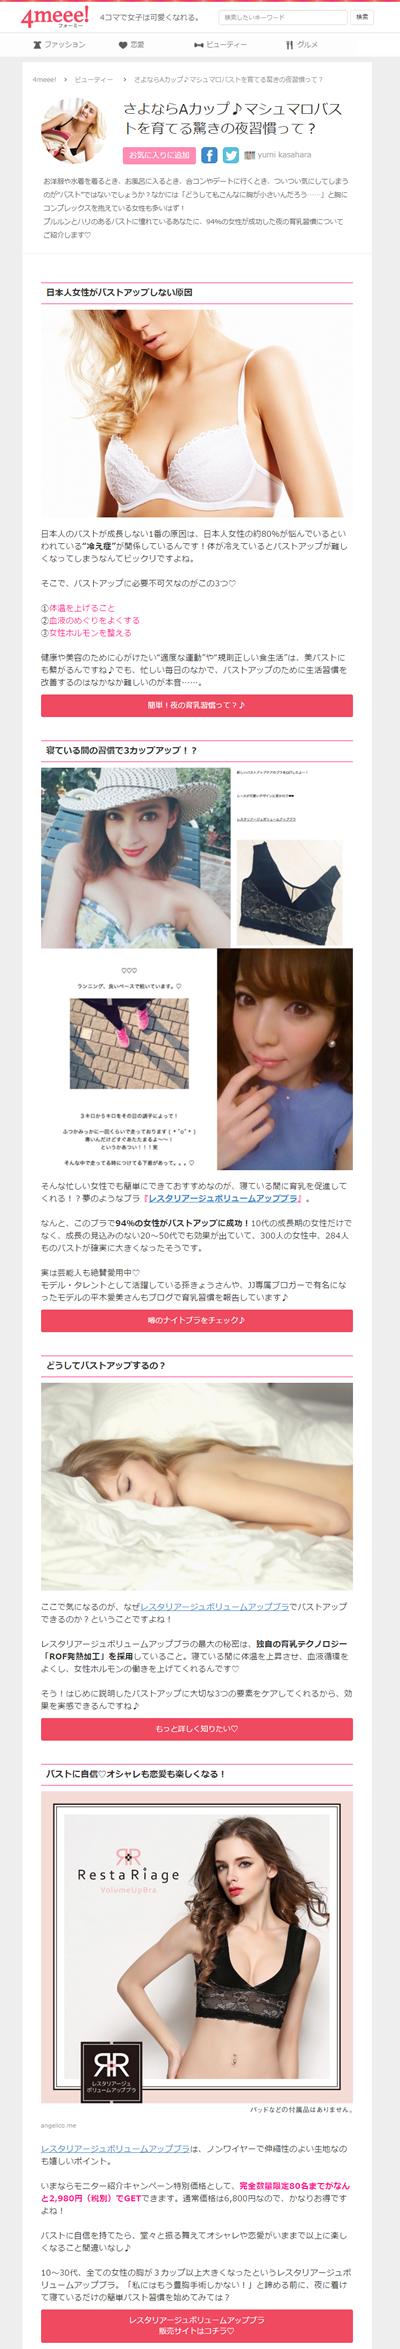 1月8日4mee!screencapture-4meee-com-articles-view-565428-1456462738066